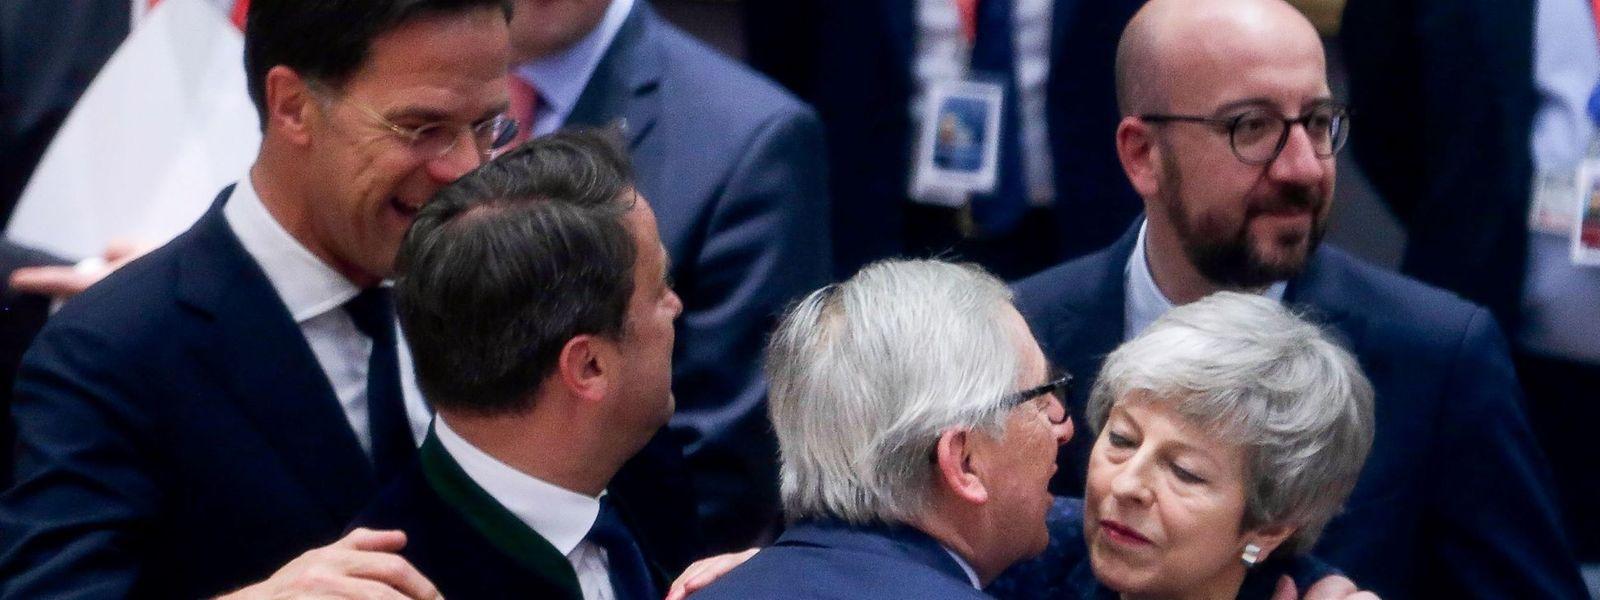 Les chefs d'Etat européens se réunissent ce mardi pour tirer les leçons du scrutin du 26 mai dernier.